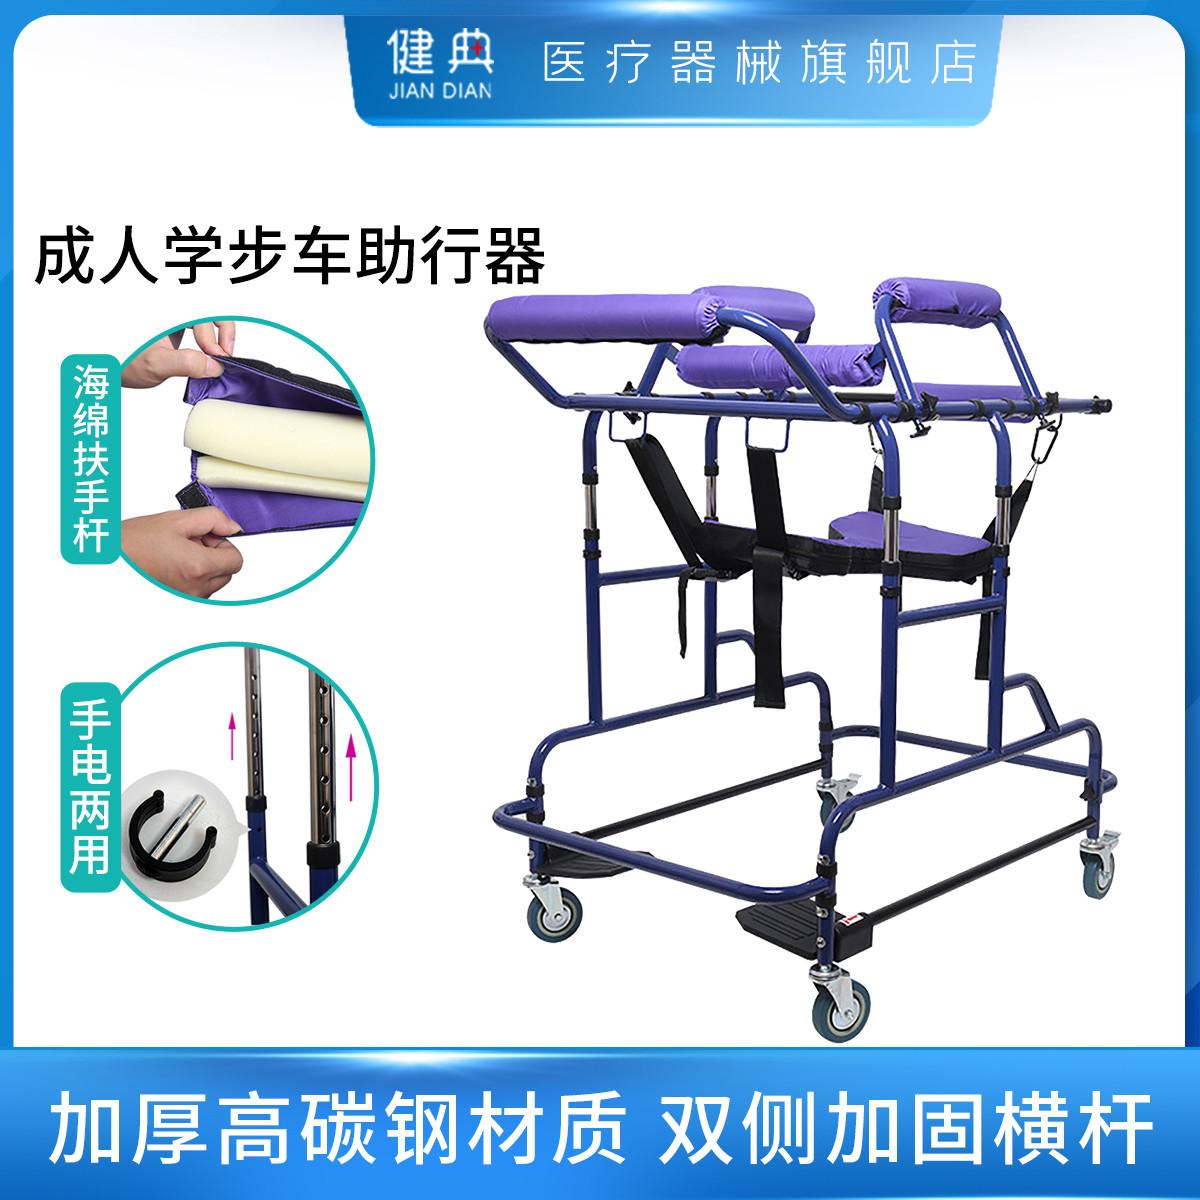 雅德 成人学步车助行器偏瘫康复器站立老人行走辅助器多功能助行架